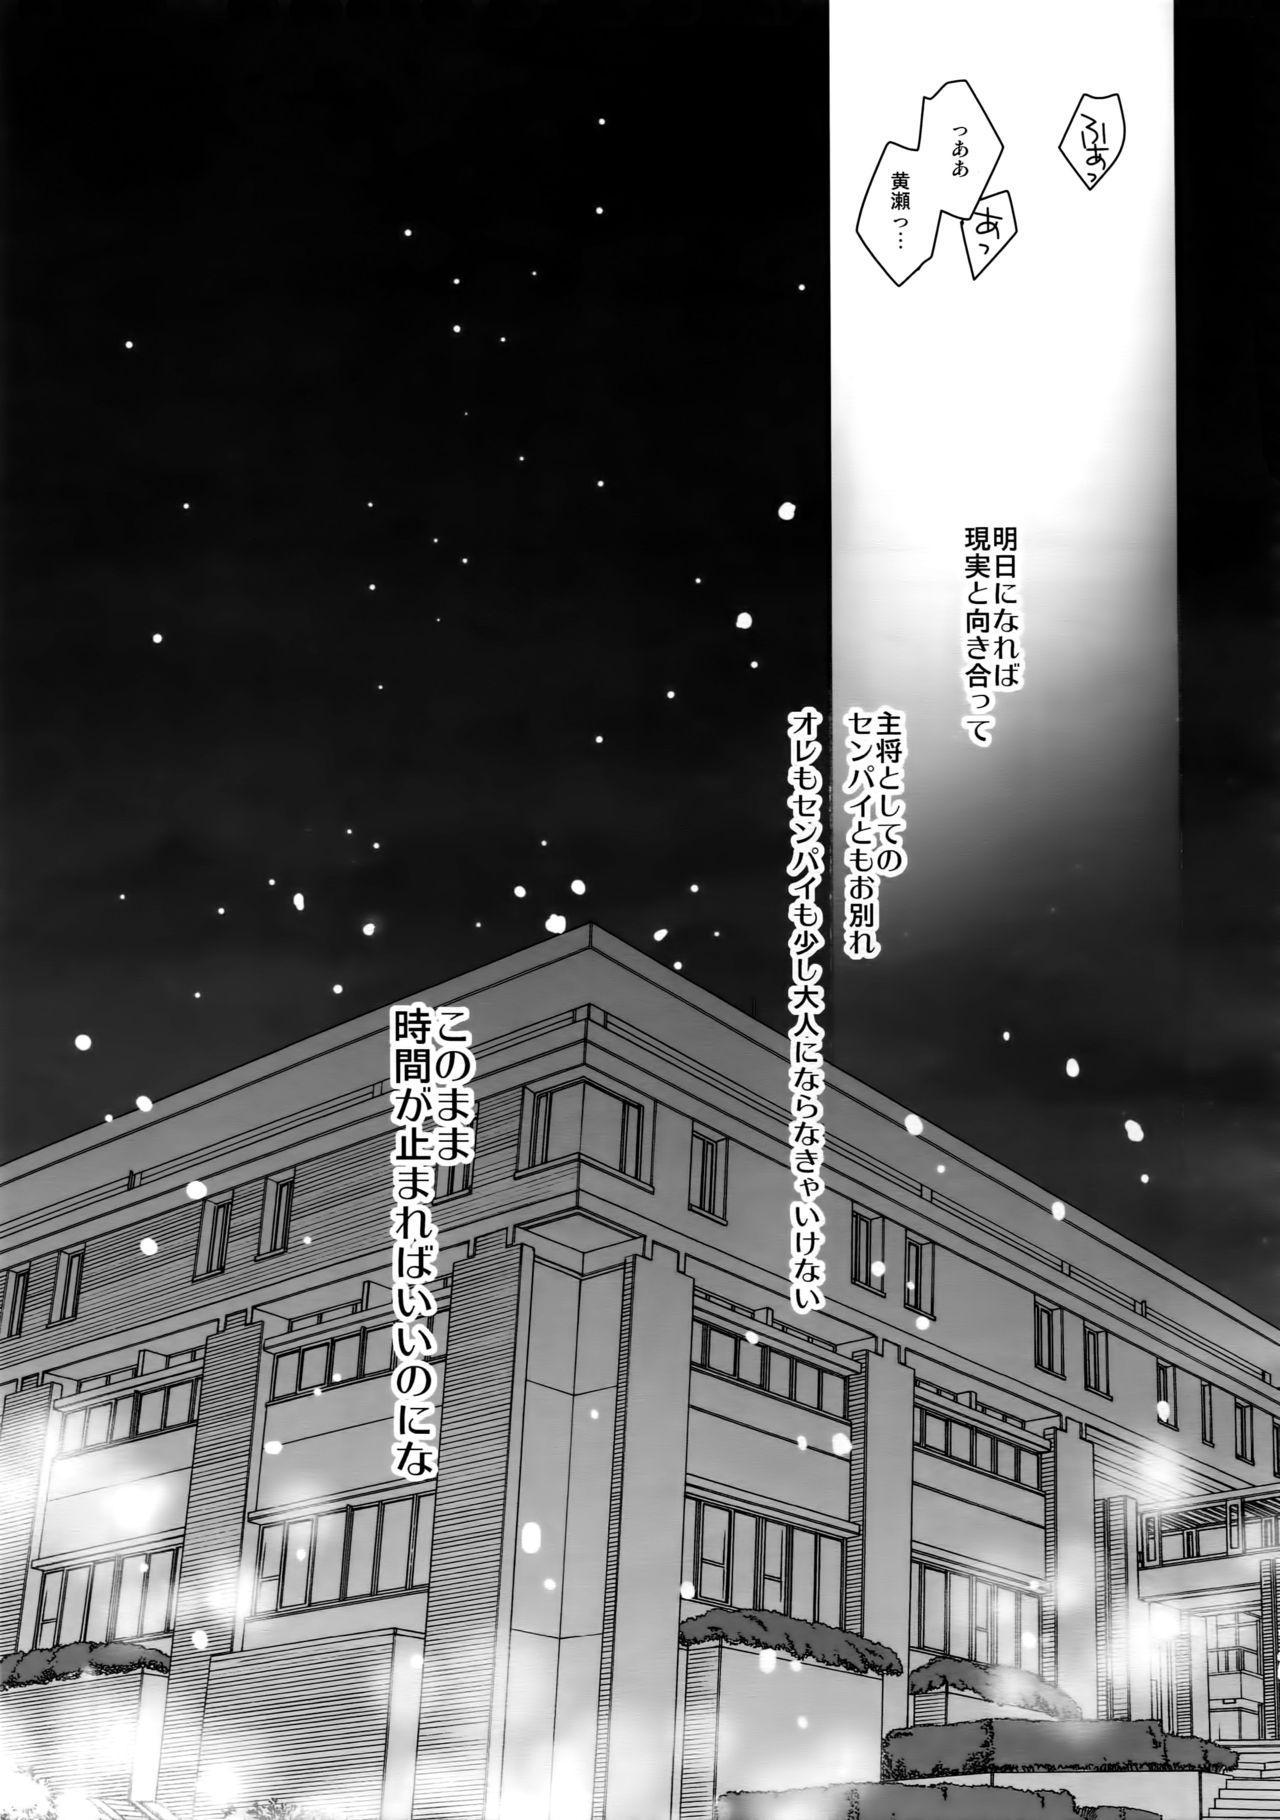 [Bakuchi Jinsei SP (Satsuki Fumi)] Kanpeki Kareshi to Zettai Ryouiki Ouji-sama - Another Version - (Kuroko no Basket) 143